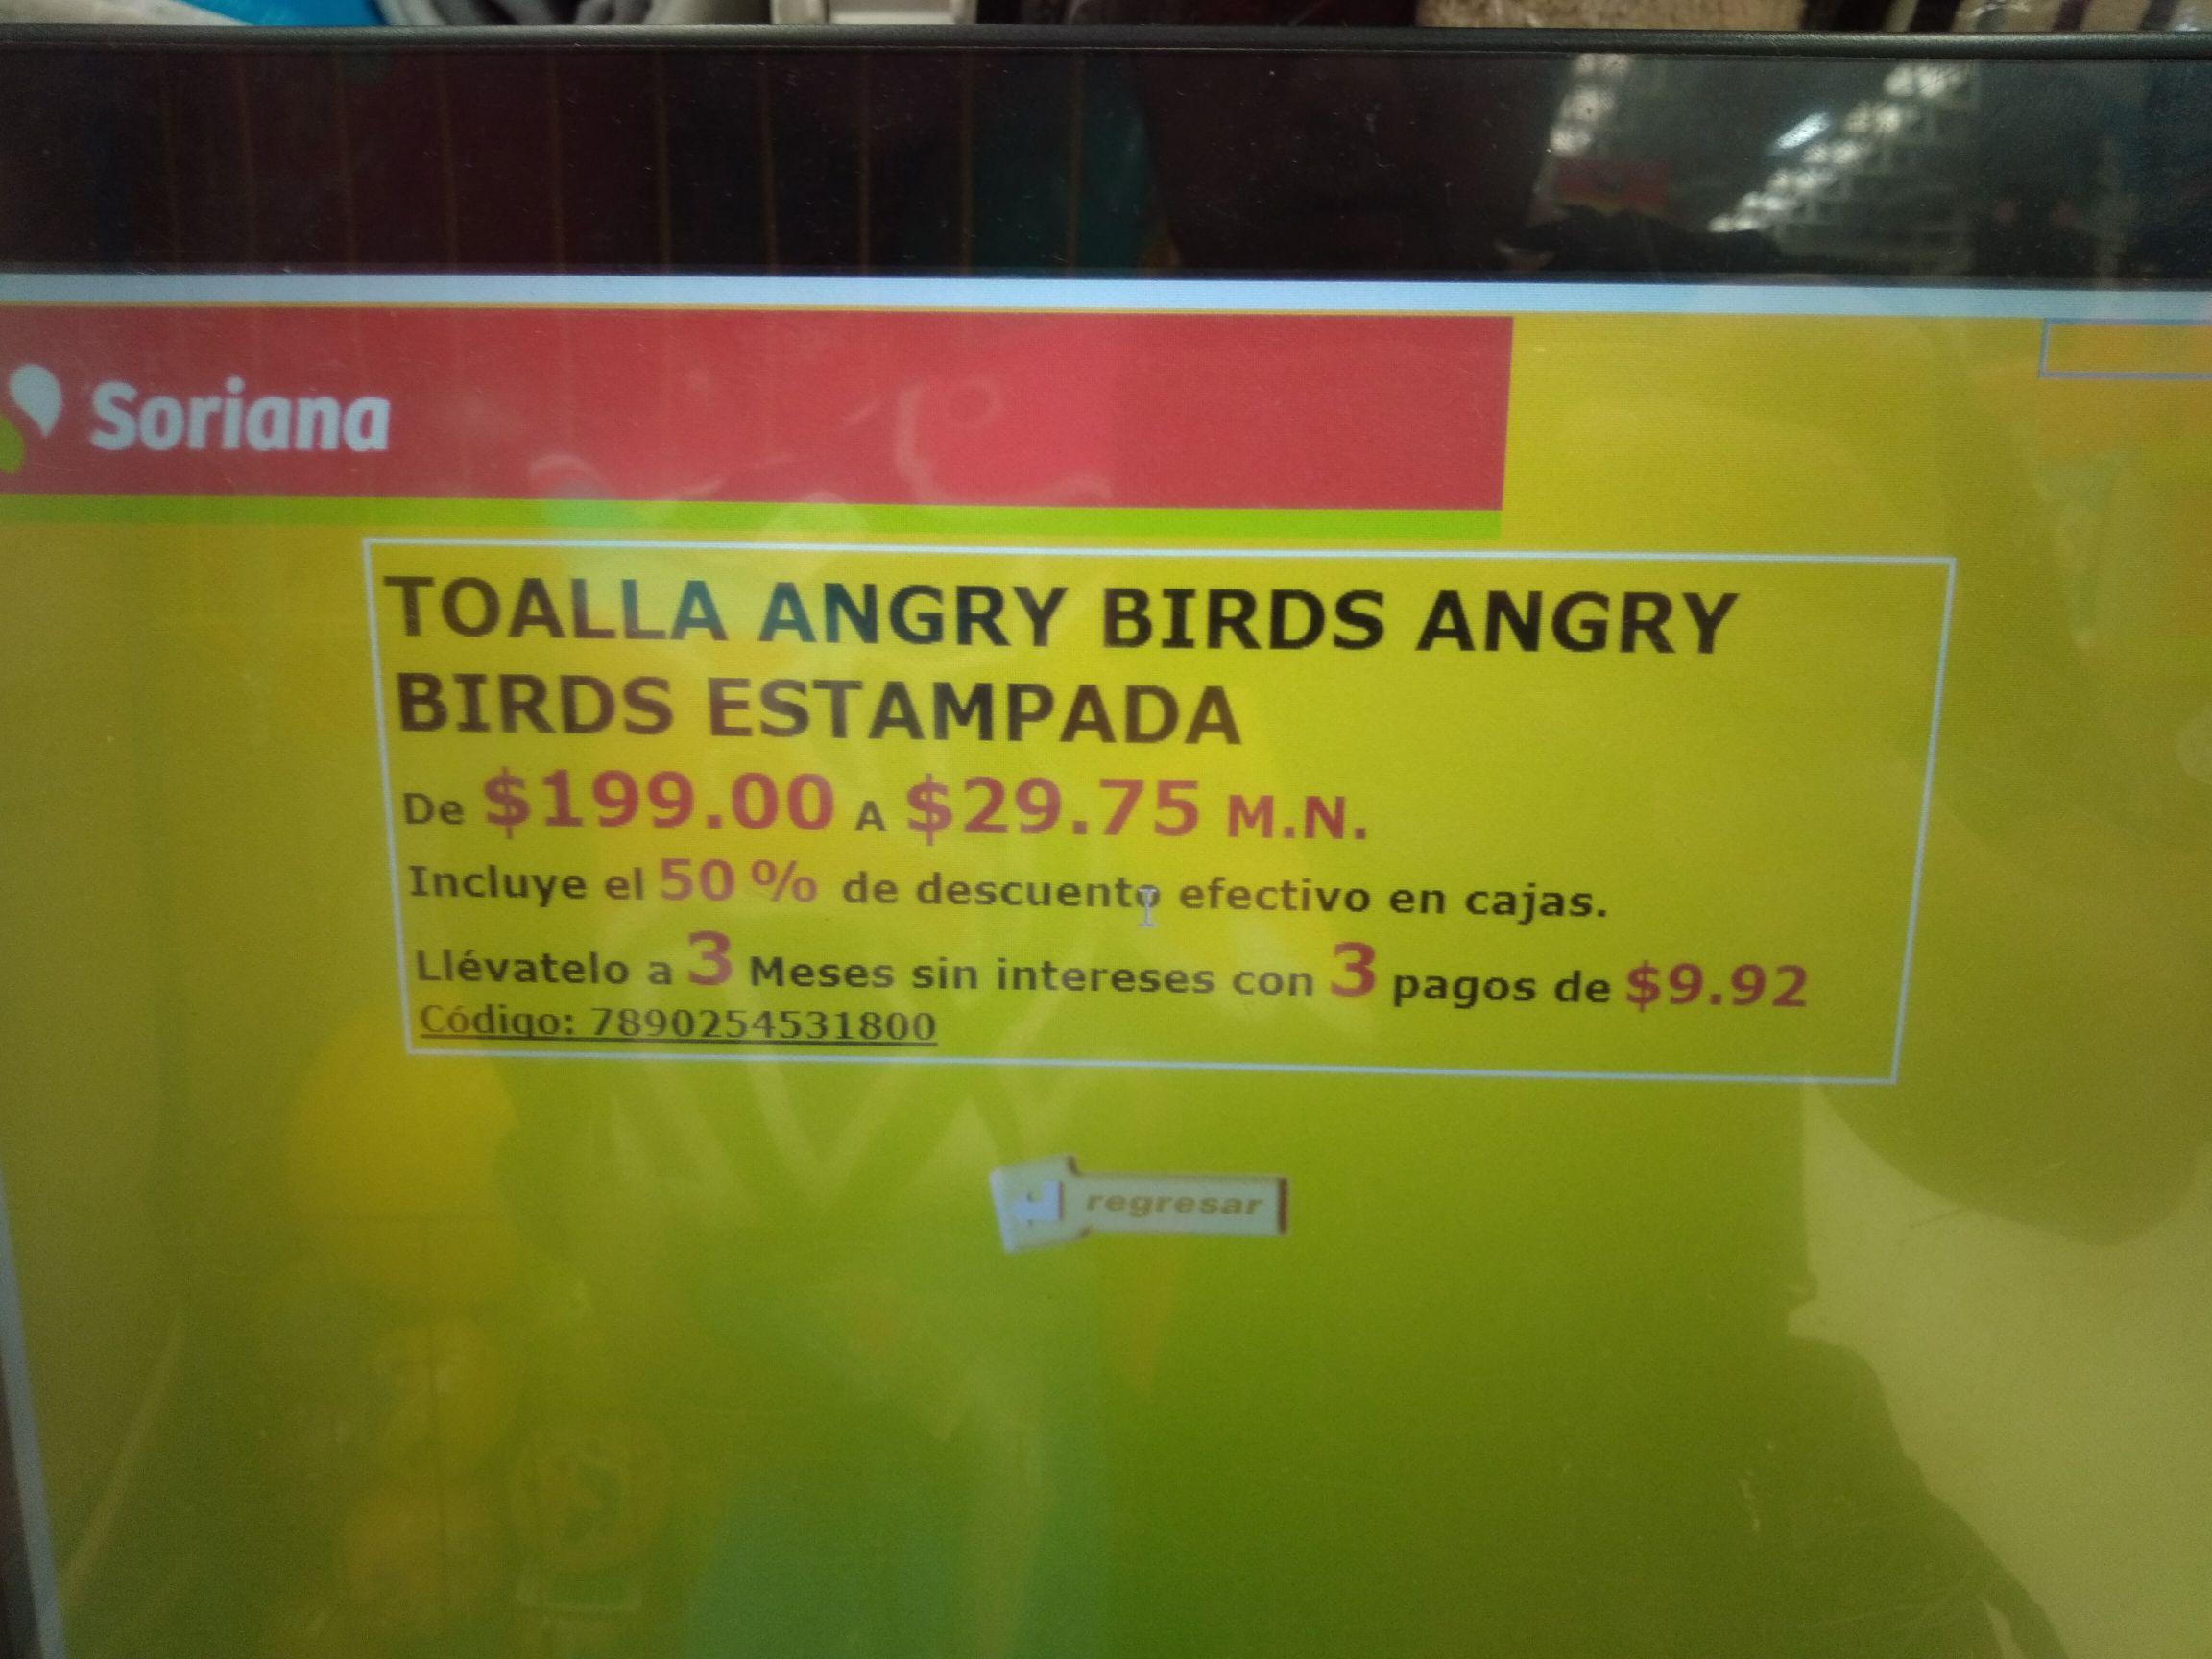 Soriana Hiper: Toalla angry birds